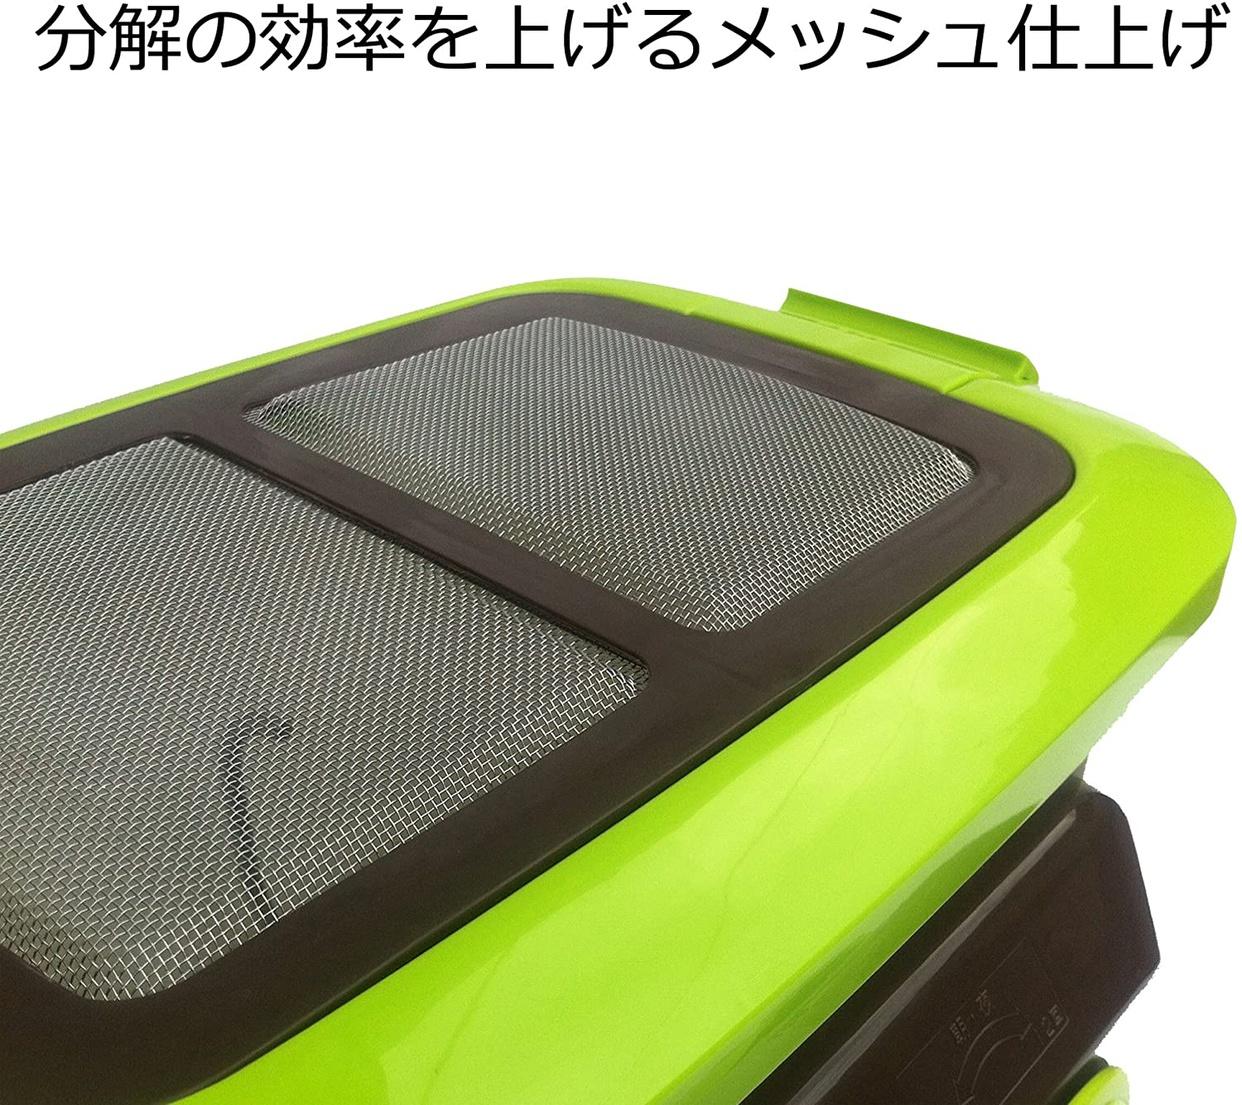 エコ・クリーン 自然にカエルS 基本セット SKS-301の商品画像5